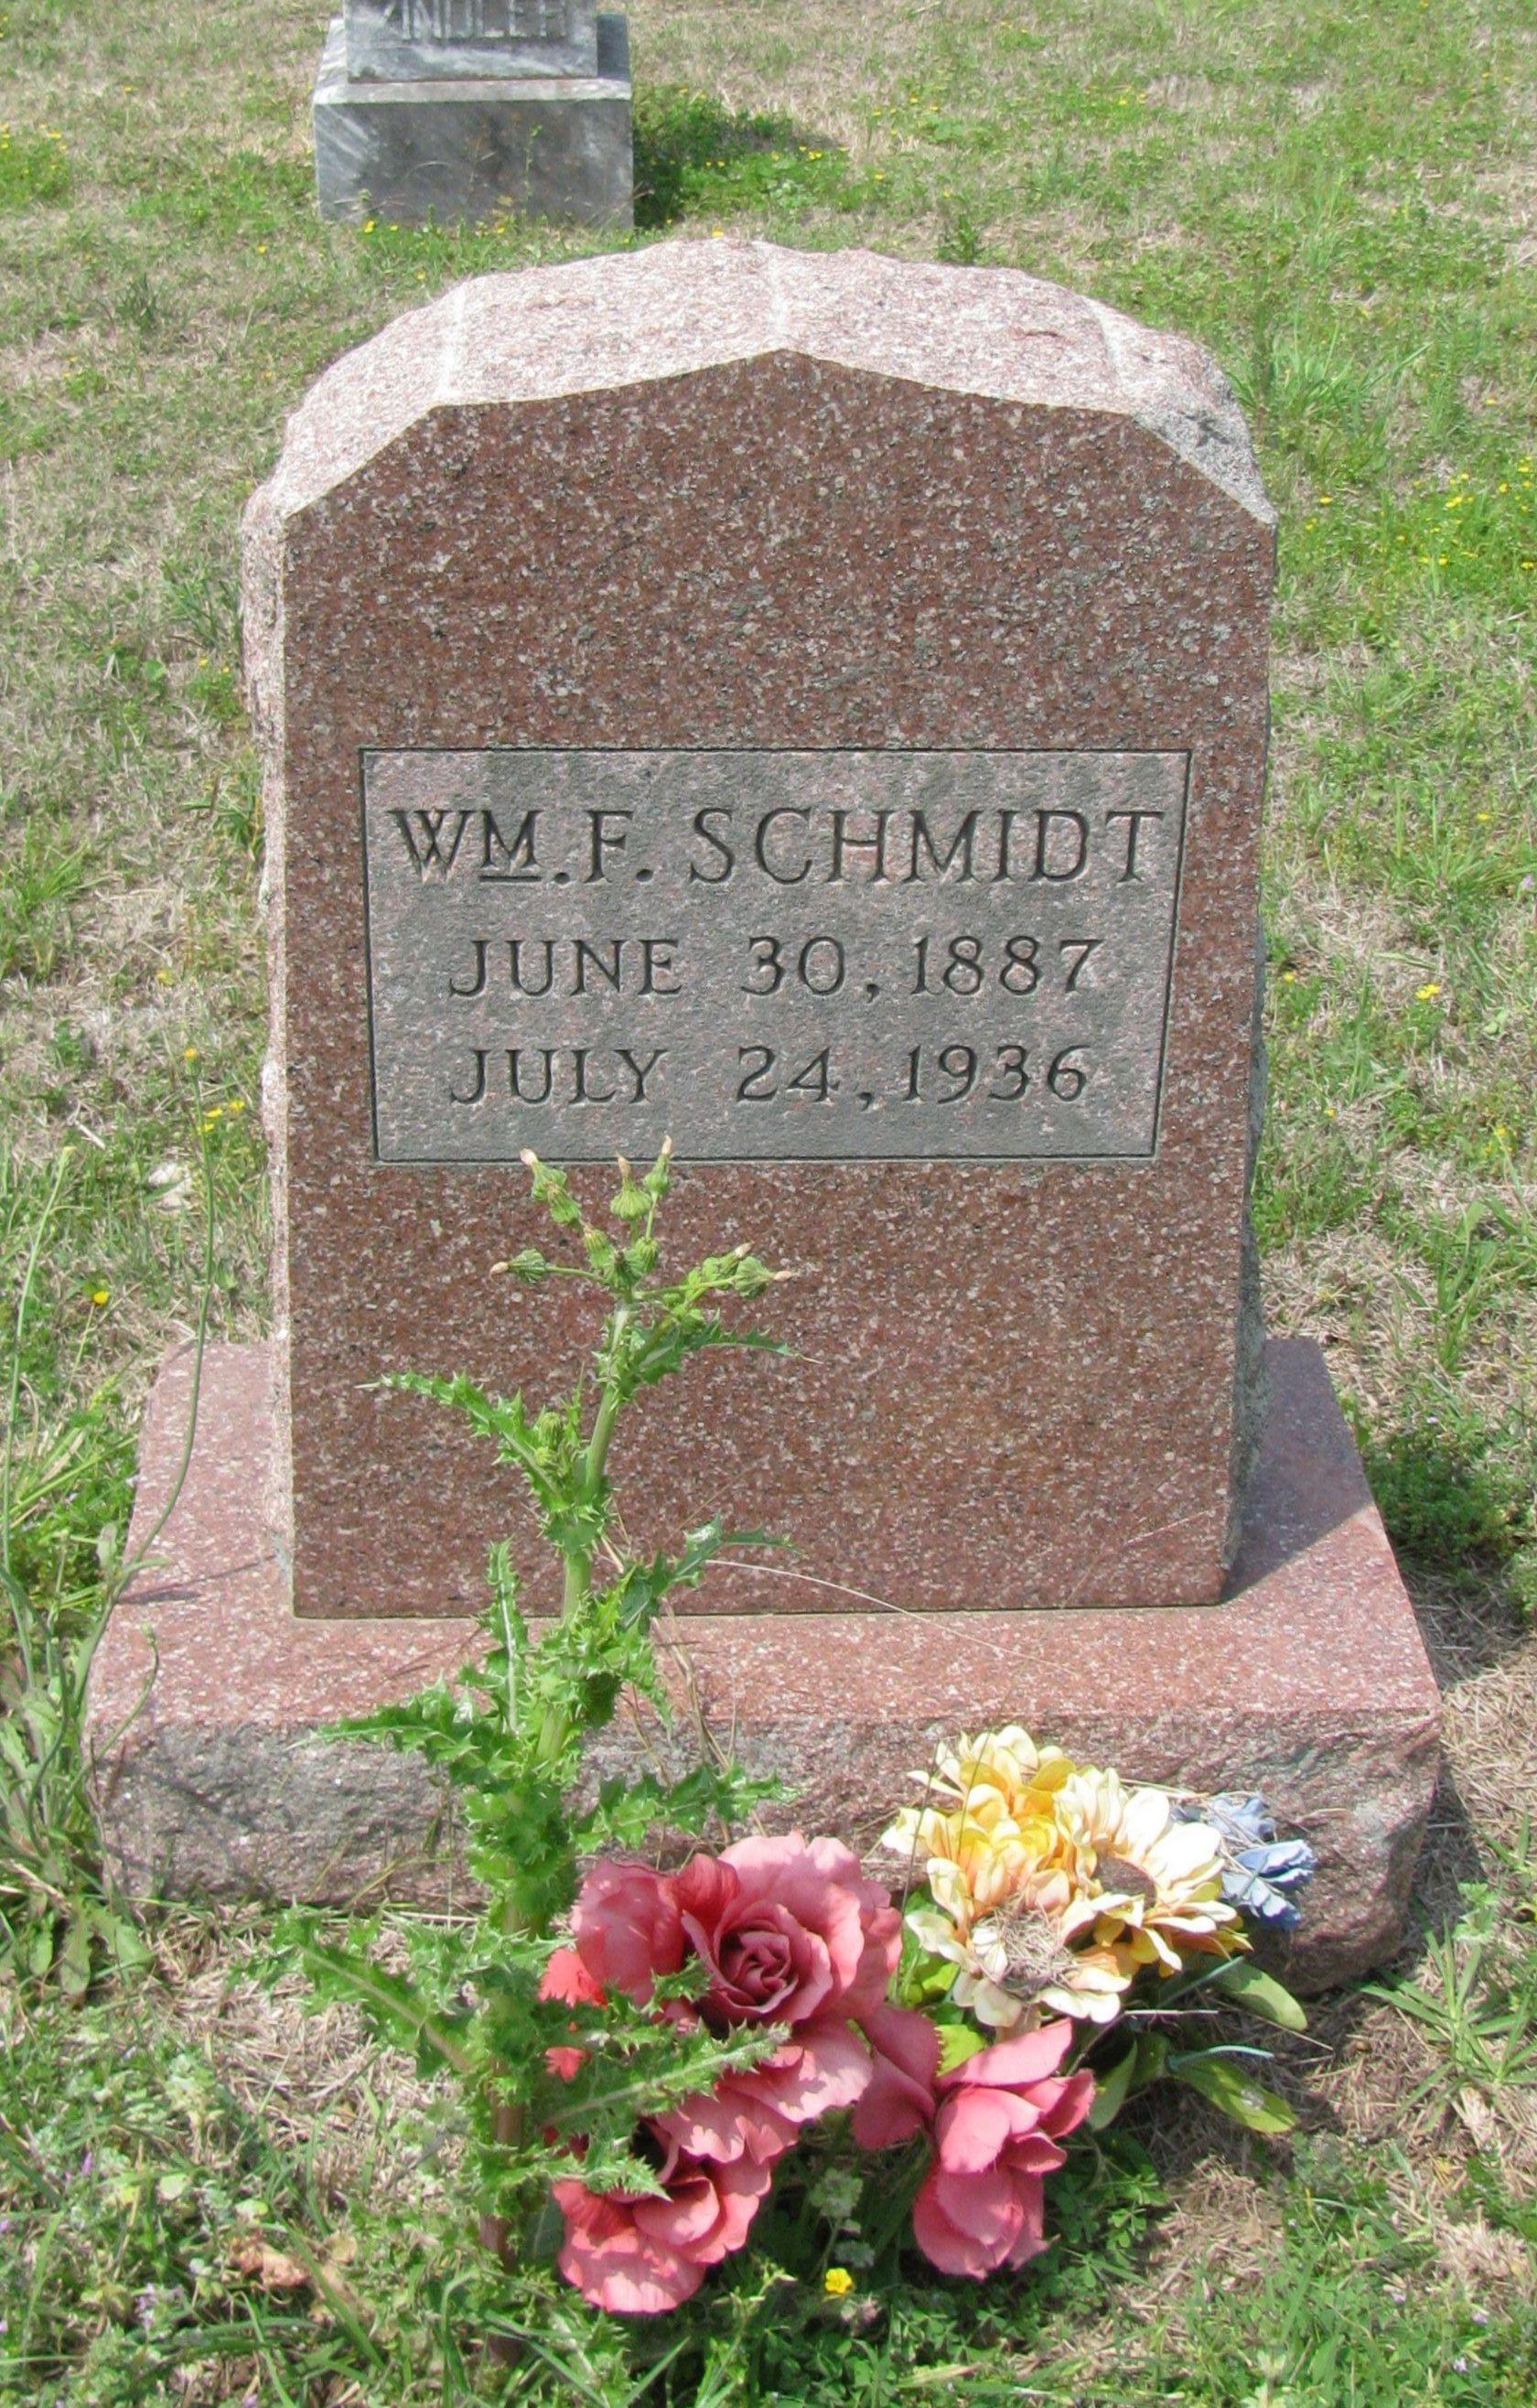 William F. Schmidt